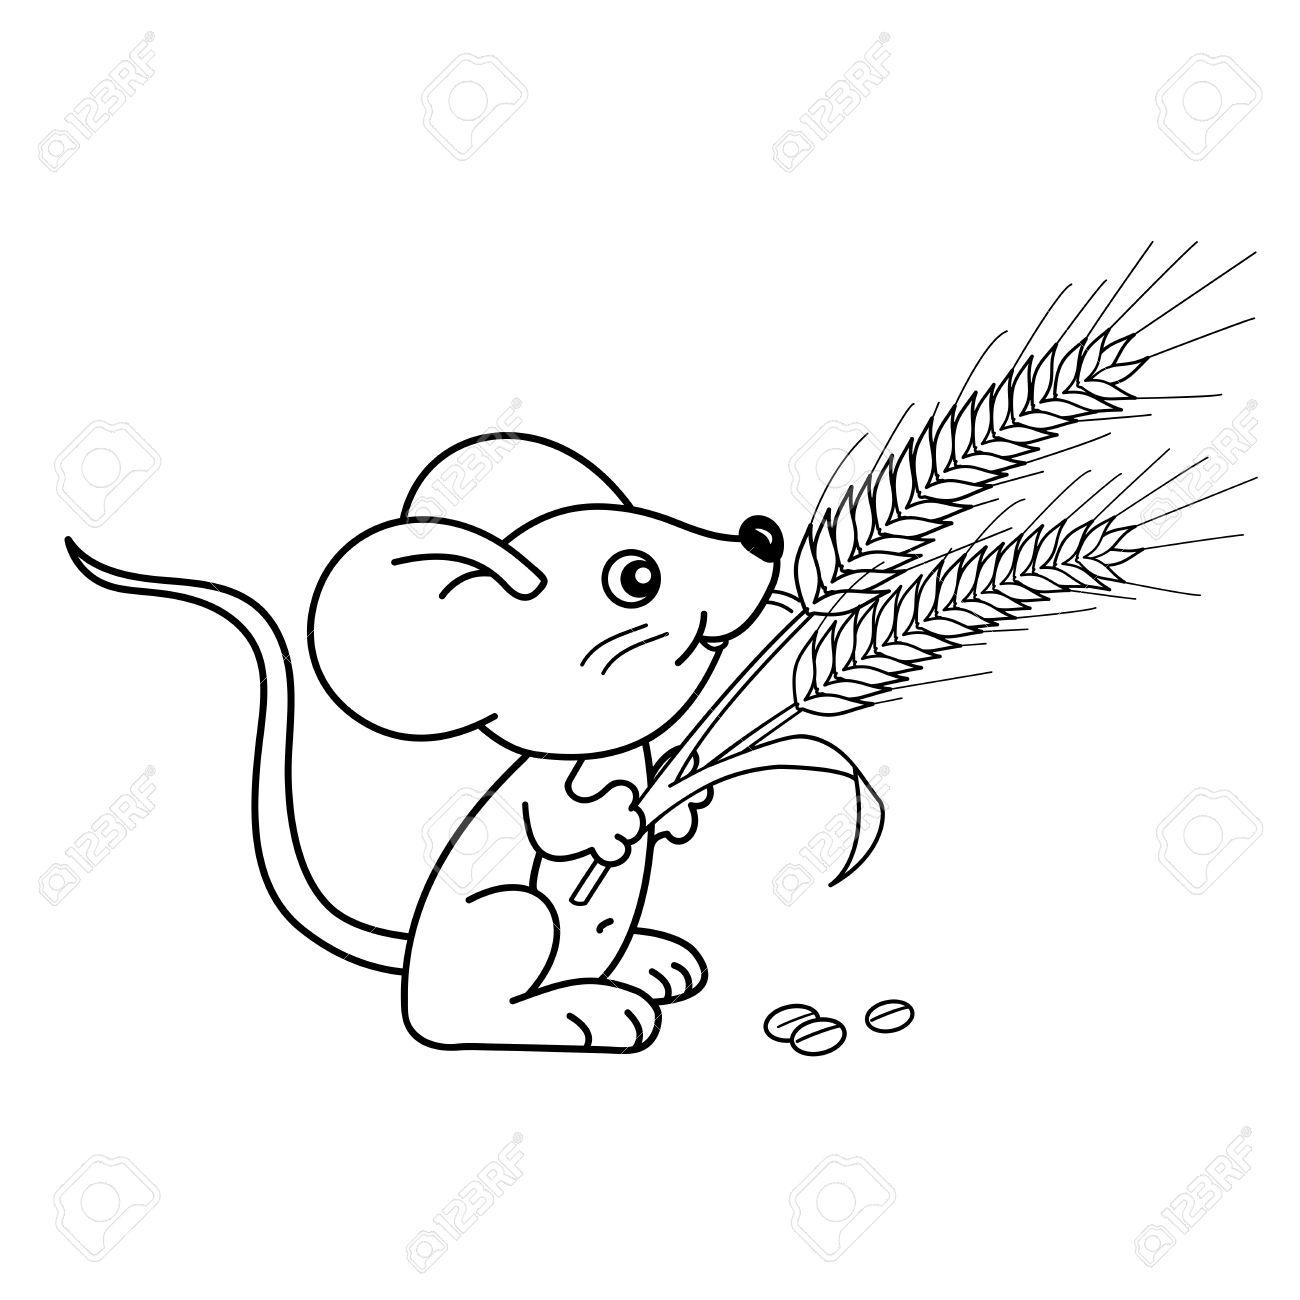 Página Para Colorear Esquema De Dibujos Animados Pequeño Ratón Con